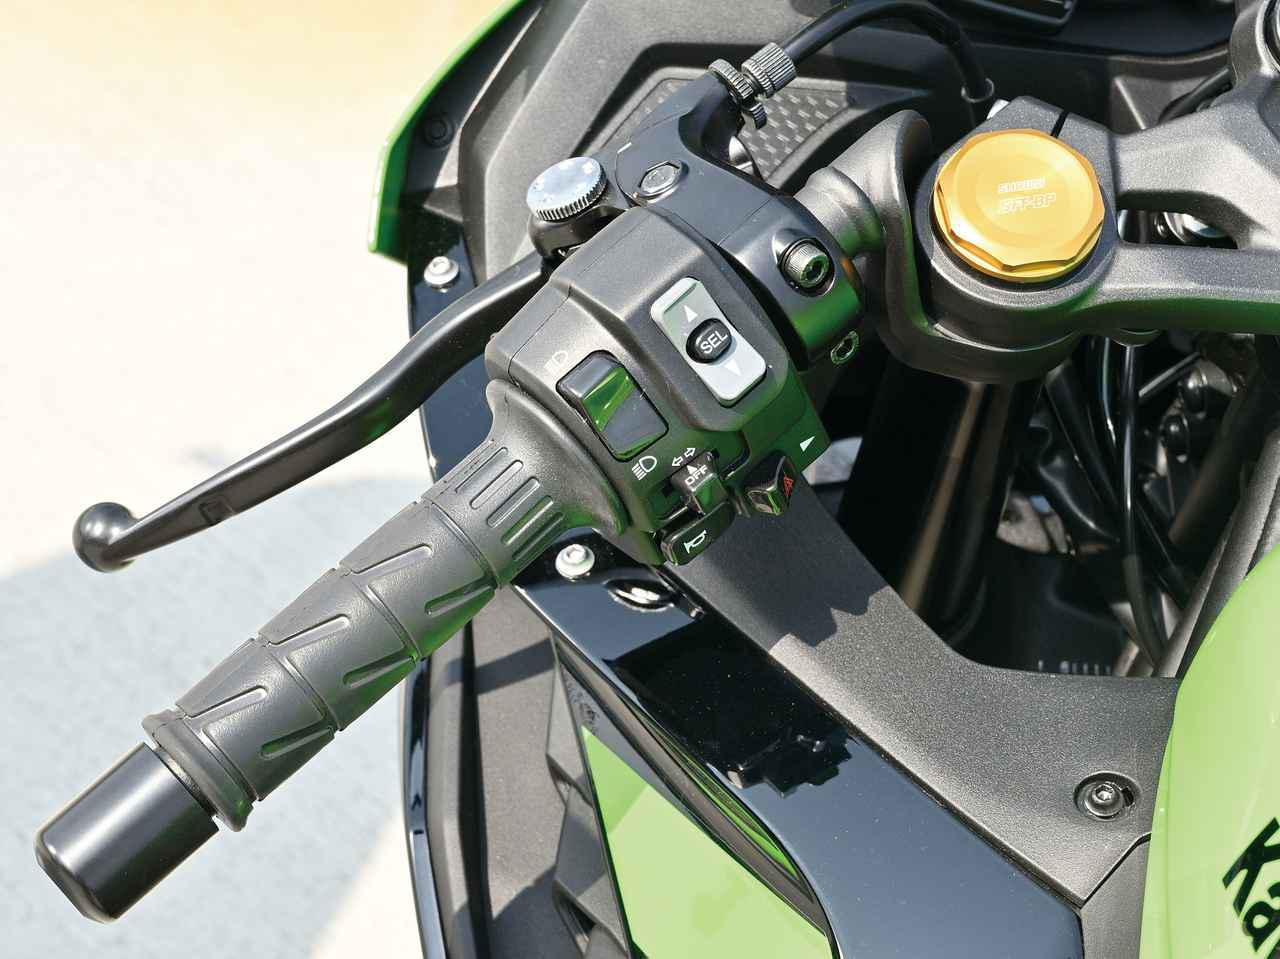 画像: 左スイッチはZ900と同タイプ。モードセレクトボタンが設置され、電子制御メニューを選択できる。ハンドルは高い位置に、ややタレ角をつけてセパハンをセット。